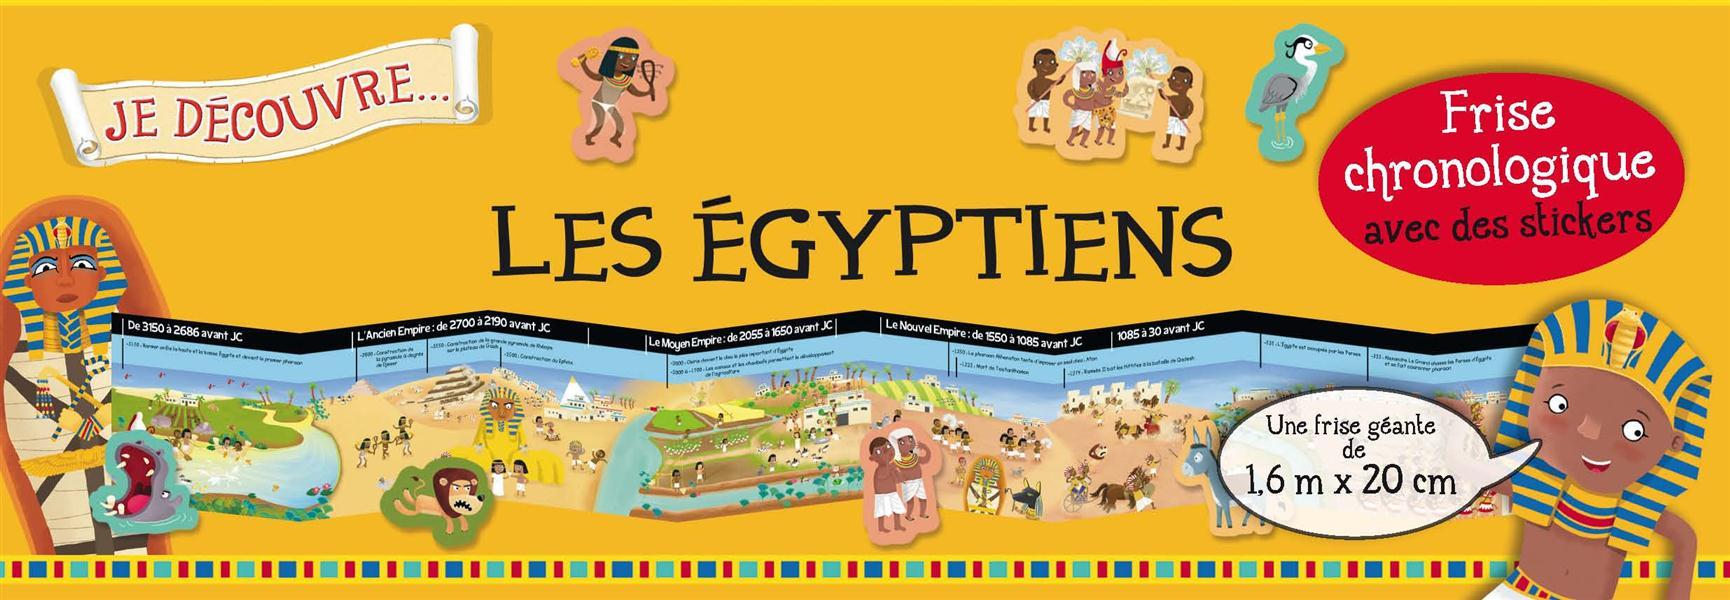 JE DECOUVRE LES EGYPTIENS - FRISE CHRONOLOGIQUE AVEC DES STICKERS